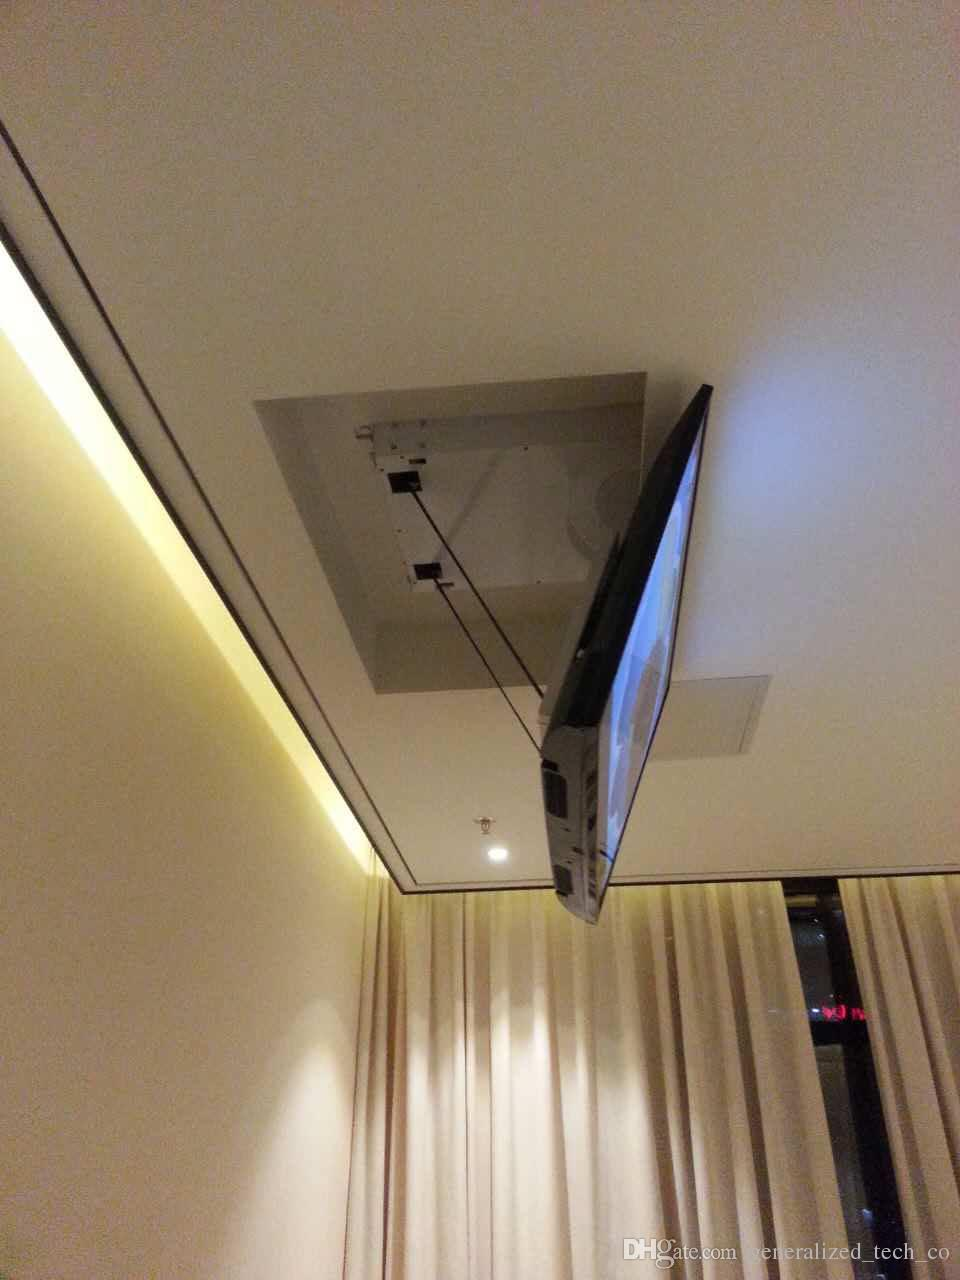 انقلاب كهربائي بمحرك السقف LED LCD TV رفع جبل شماعات حامل وظيفة التحكم عن بعد 110V-250V ، يصلح ل 32 -70 TV أماه